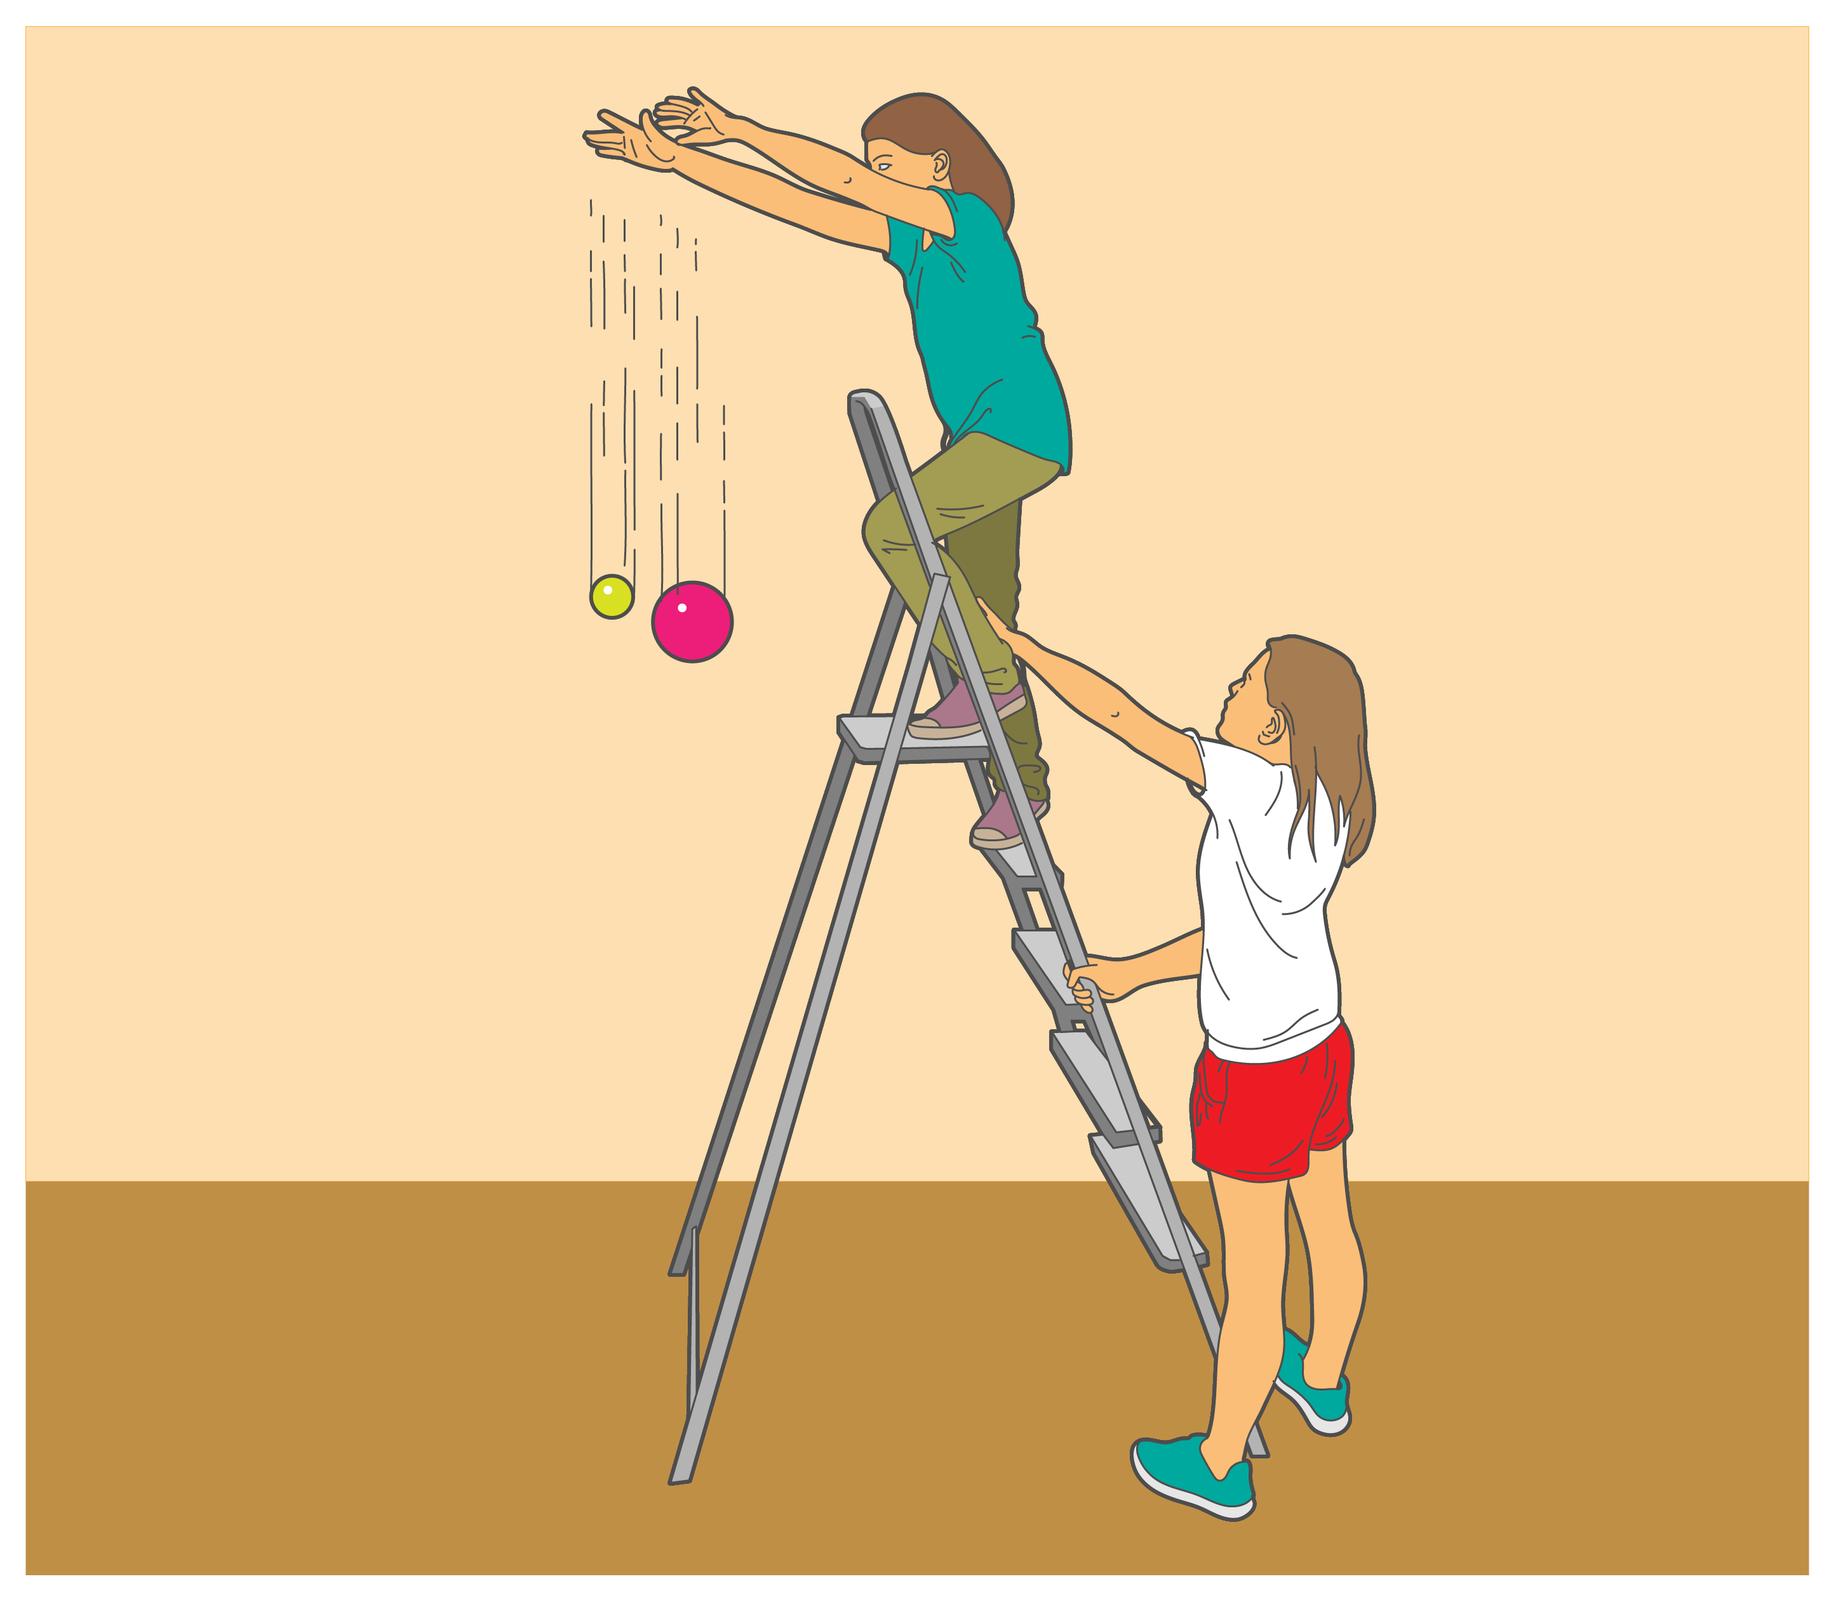 Ilustracja przedstawia dziewczynkę stojącą na drabinie iwypuszczającą zrąk dwie kule różnej wielkości. Obie kule spadają na podłogę ztą samą prędkością.